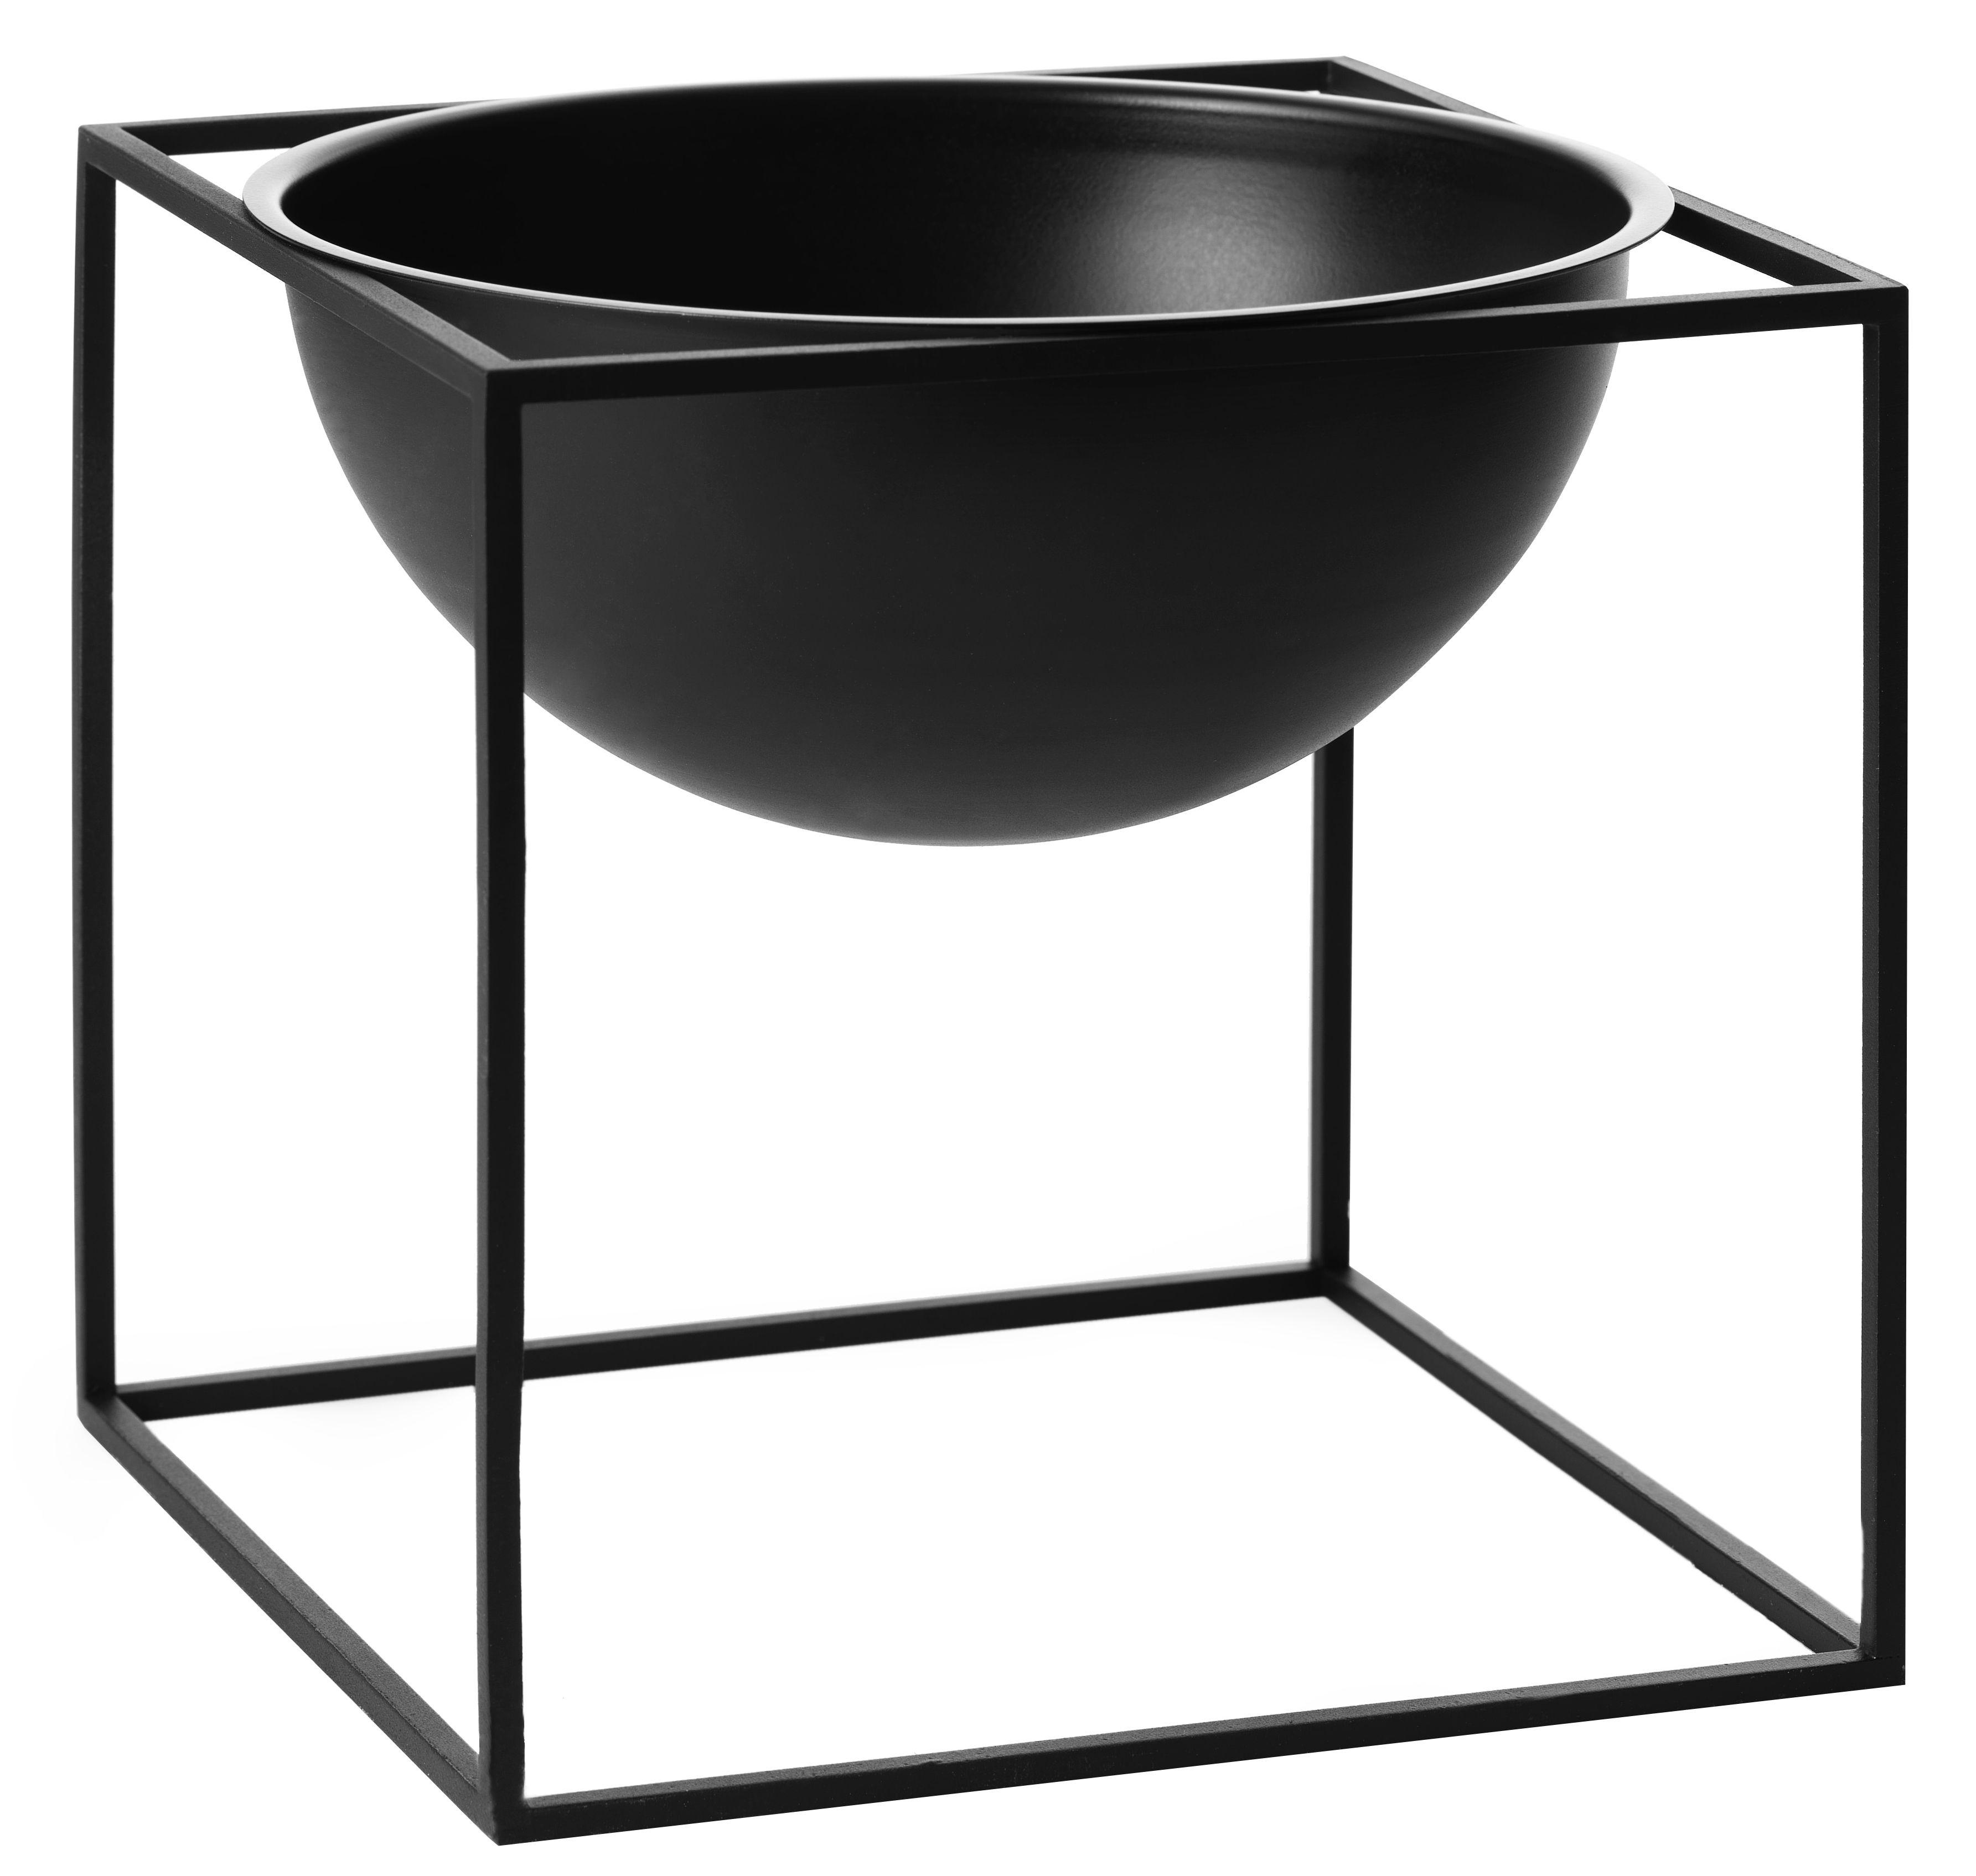 Déco - Corbeilles, centres de table, vide-poches - Coupe Kubus Large / H 23 cm - by Lassen - Noir - Acier laqué